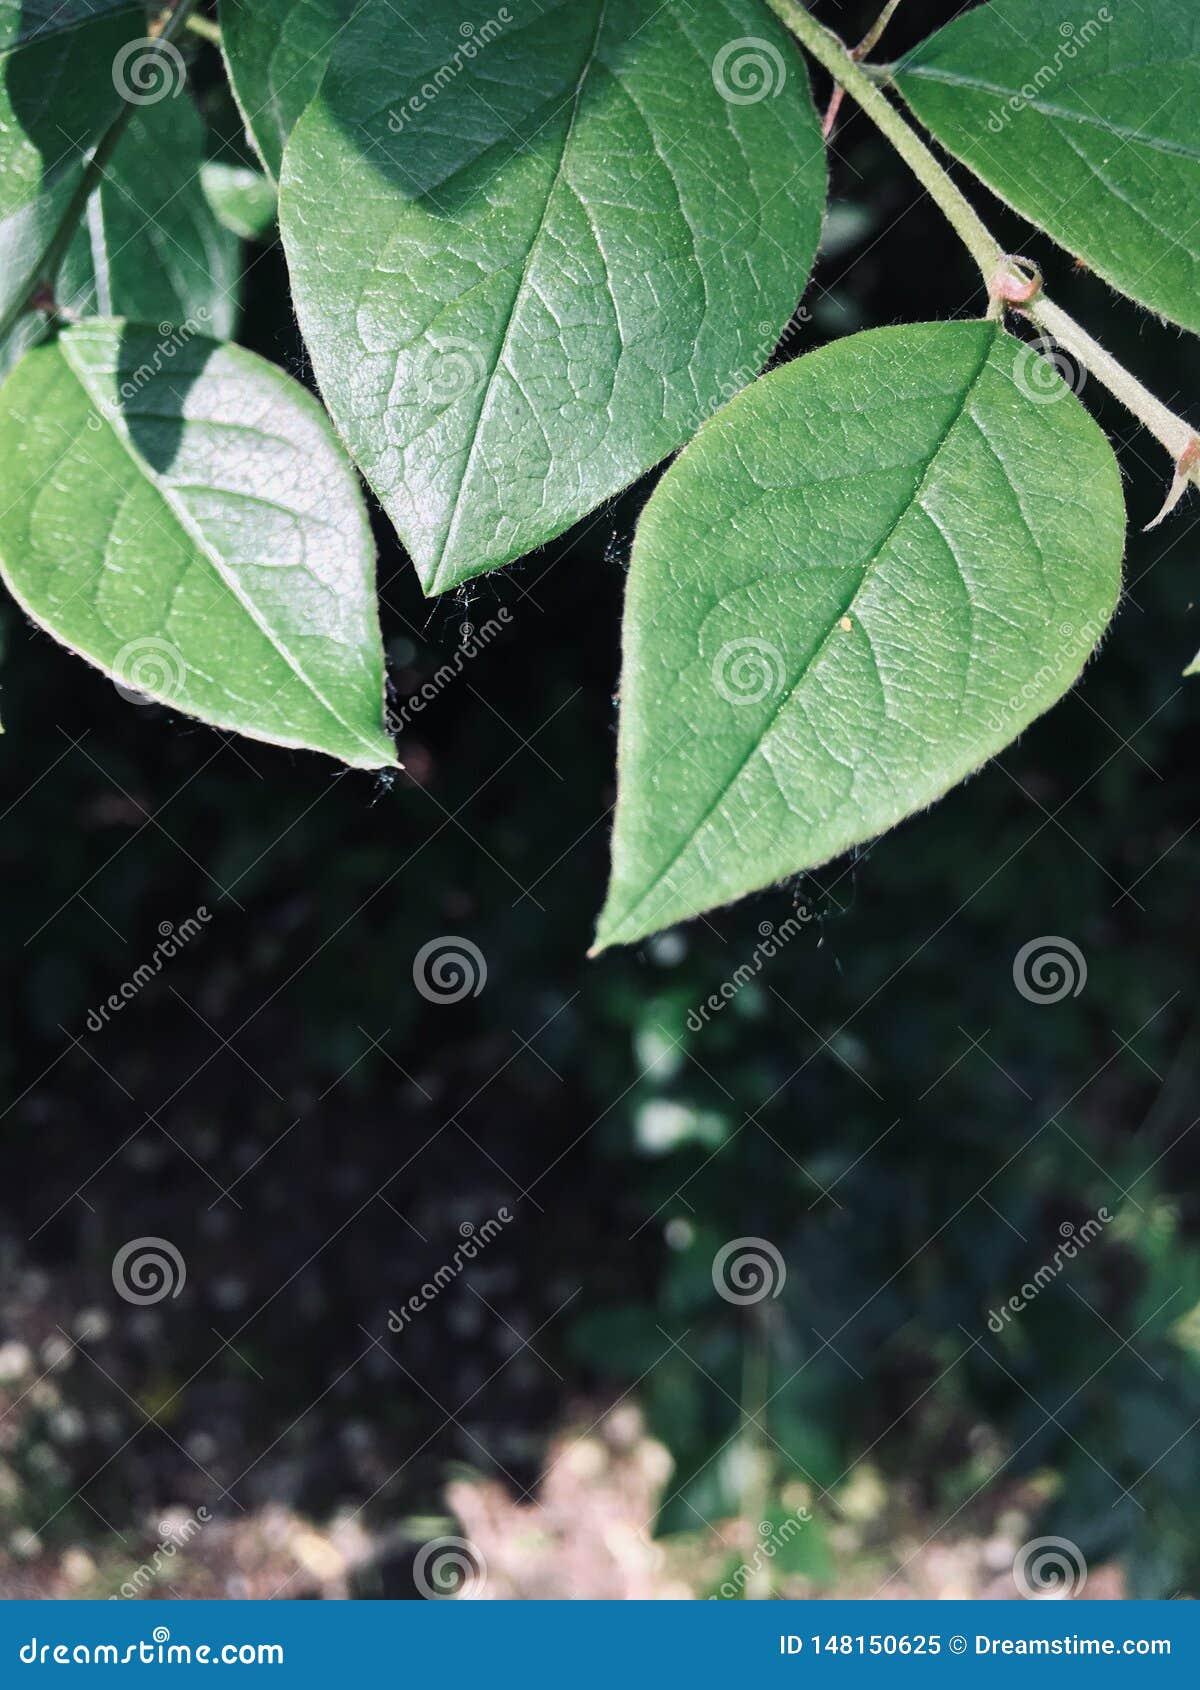 Les feuilles scintillent ainsi au soleil